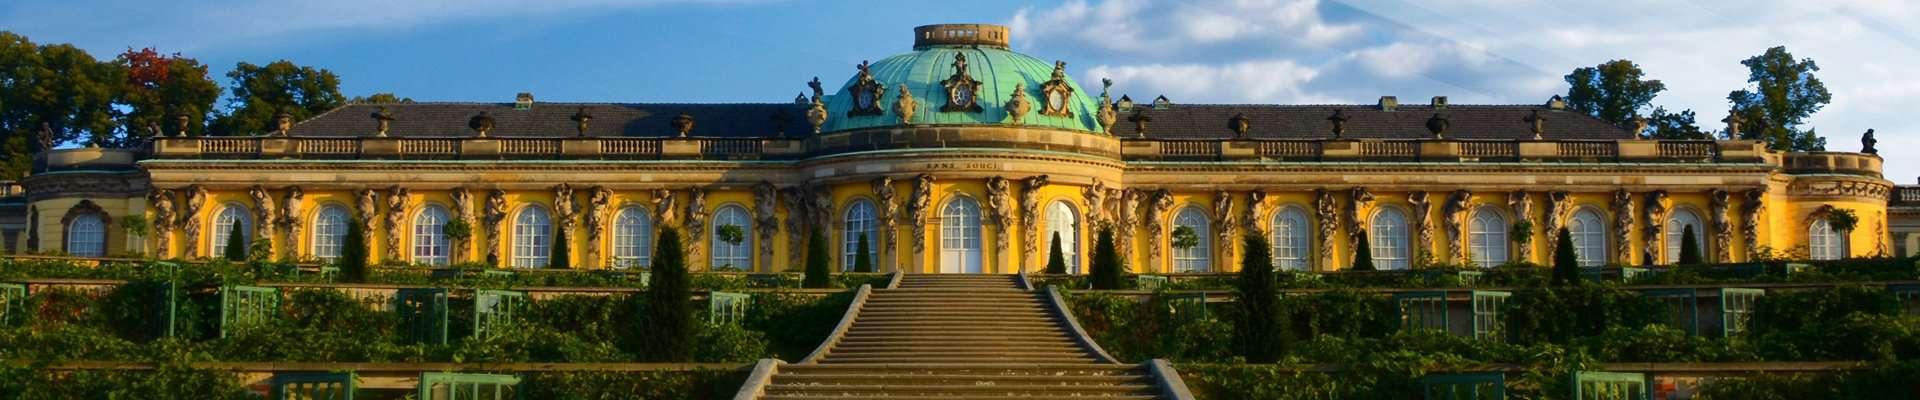 Sanssouci Schloss in Potsdam at dawn.